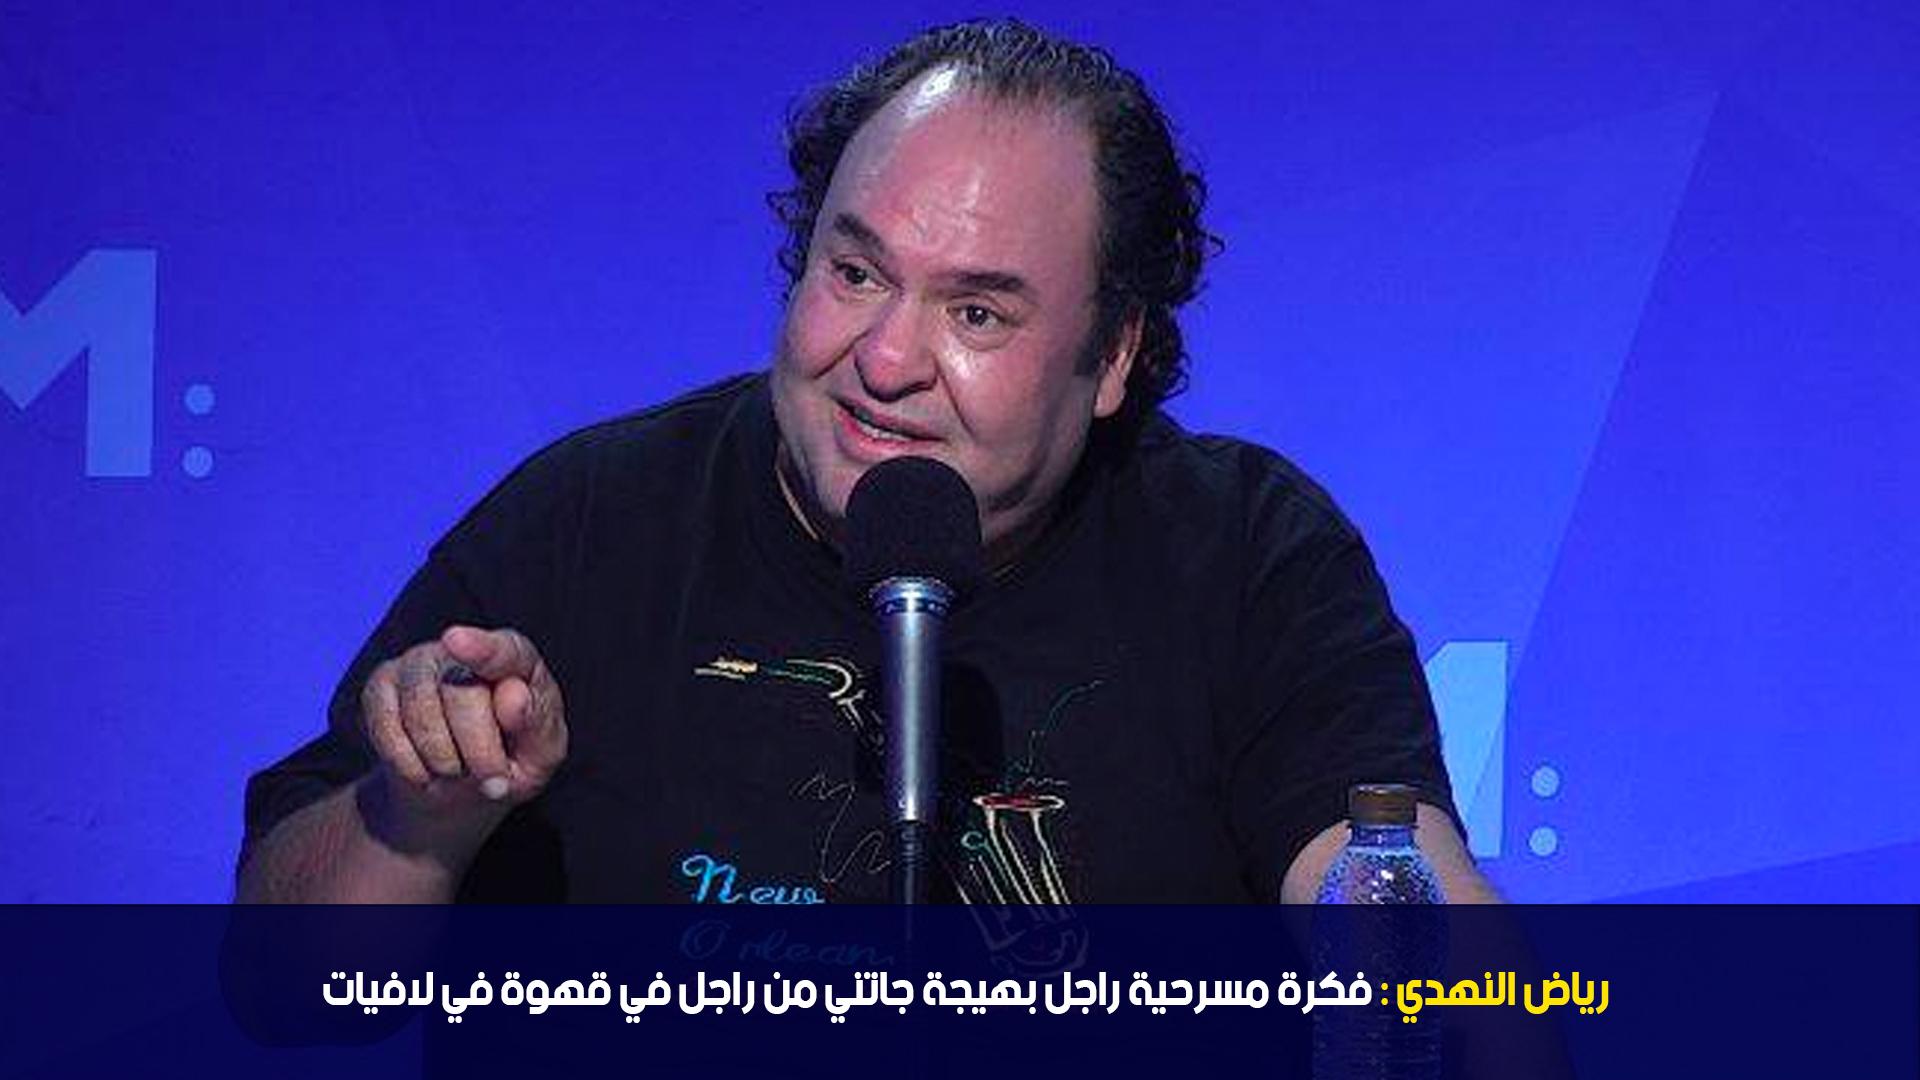 رياض النهدي:فكرة مسرحية راجل بهيجة جاتني من راجل في قهوة في لافيات